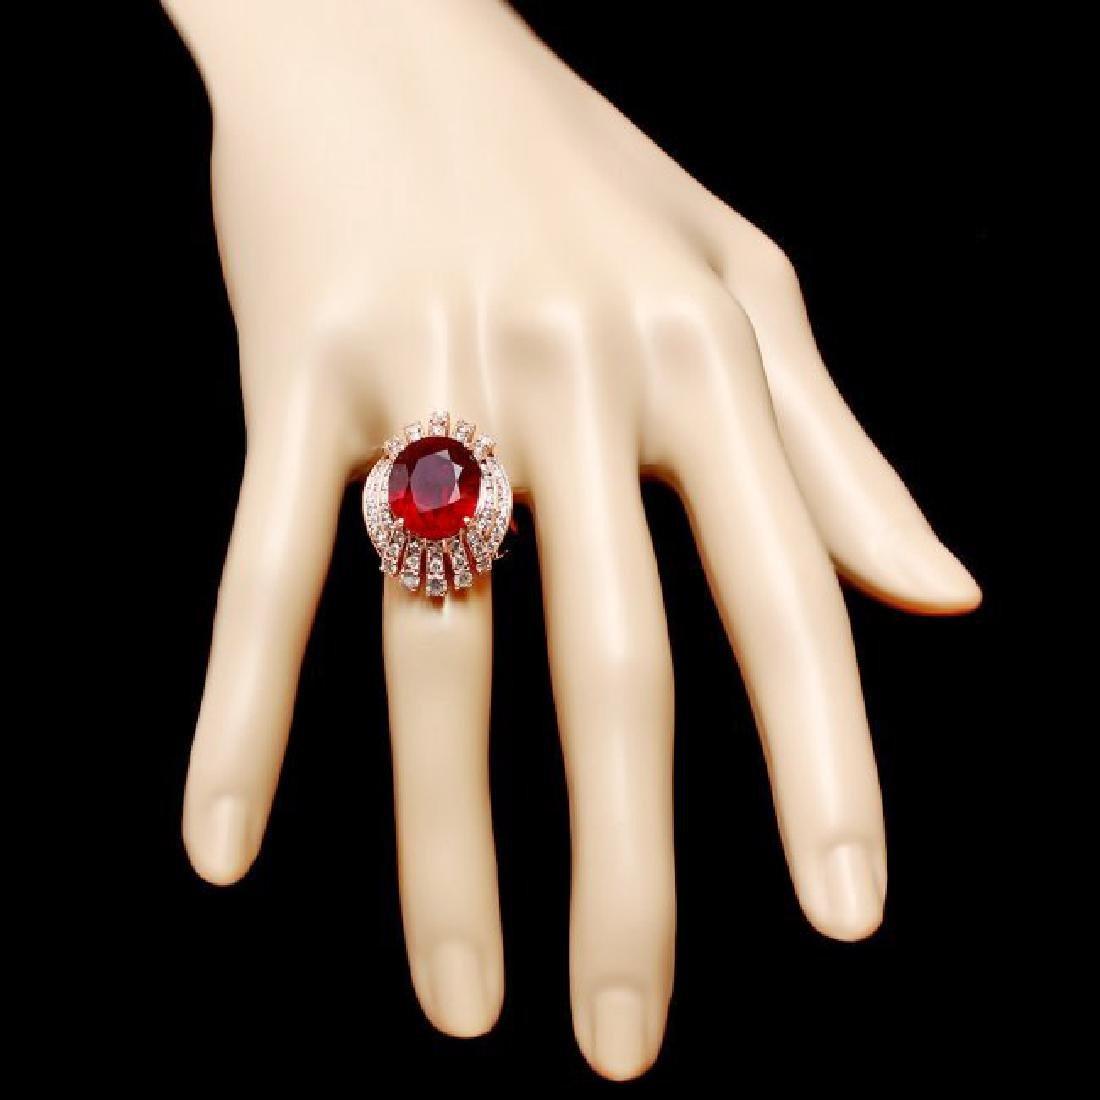 14k Rose Gold 11.80ct Ruby 1.80ct Diamond Ring - 4